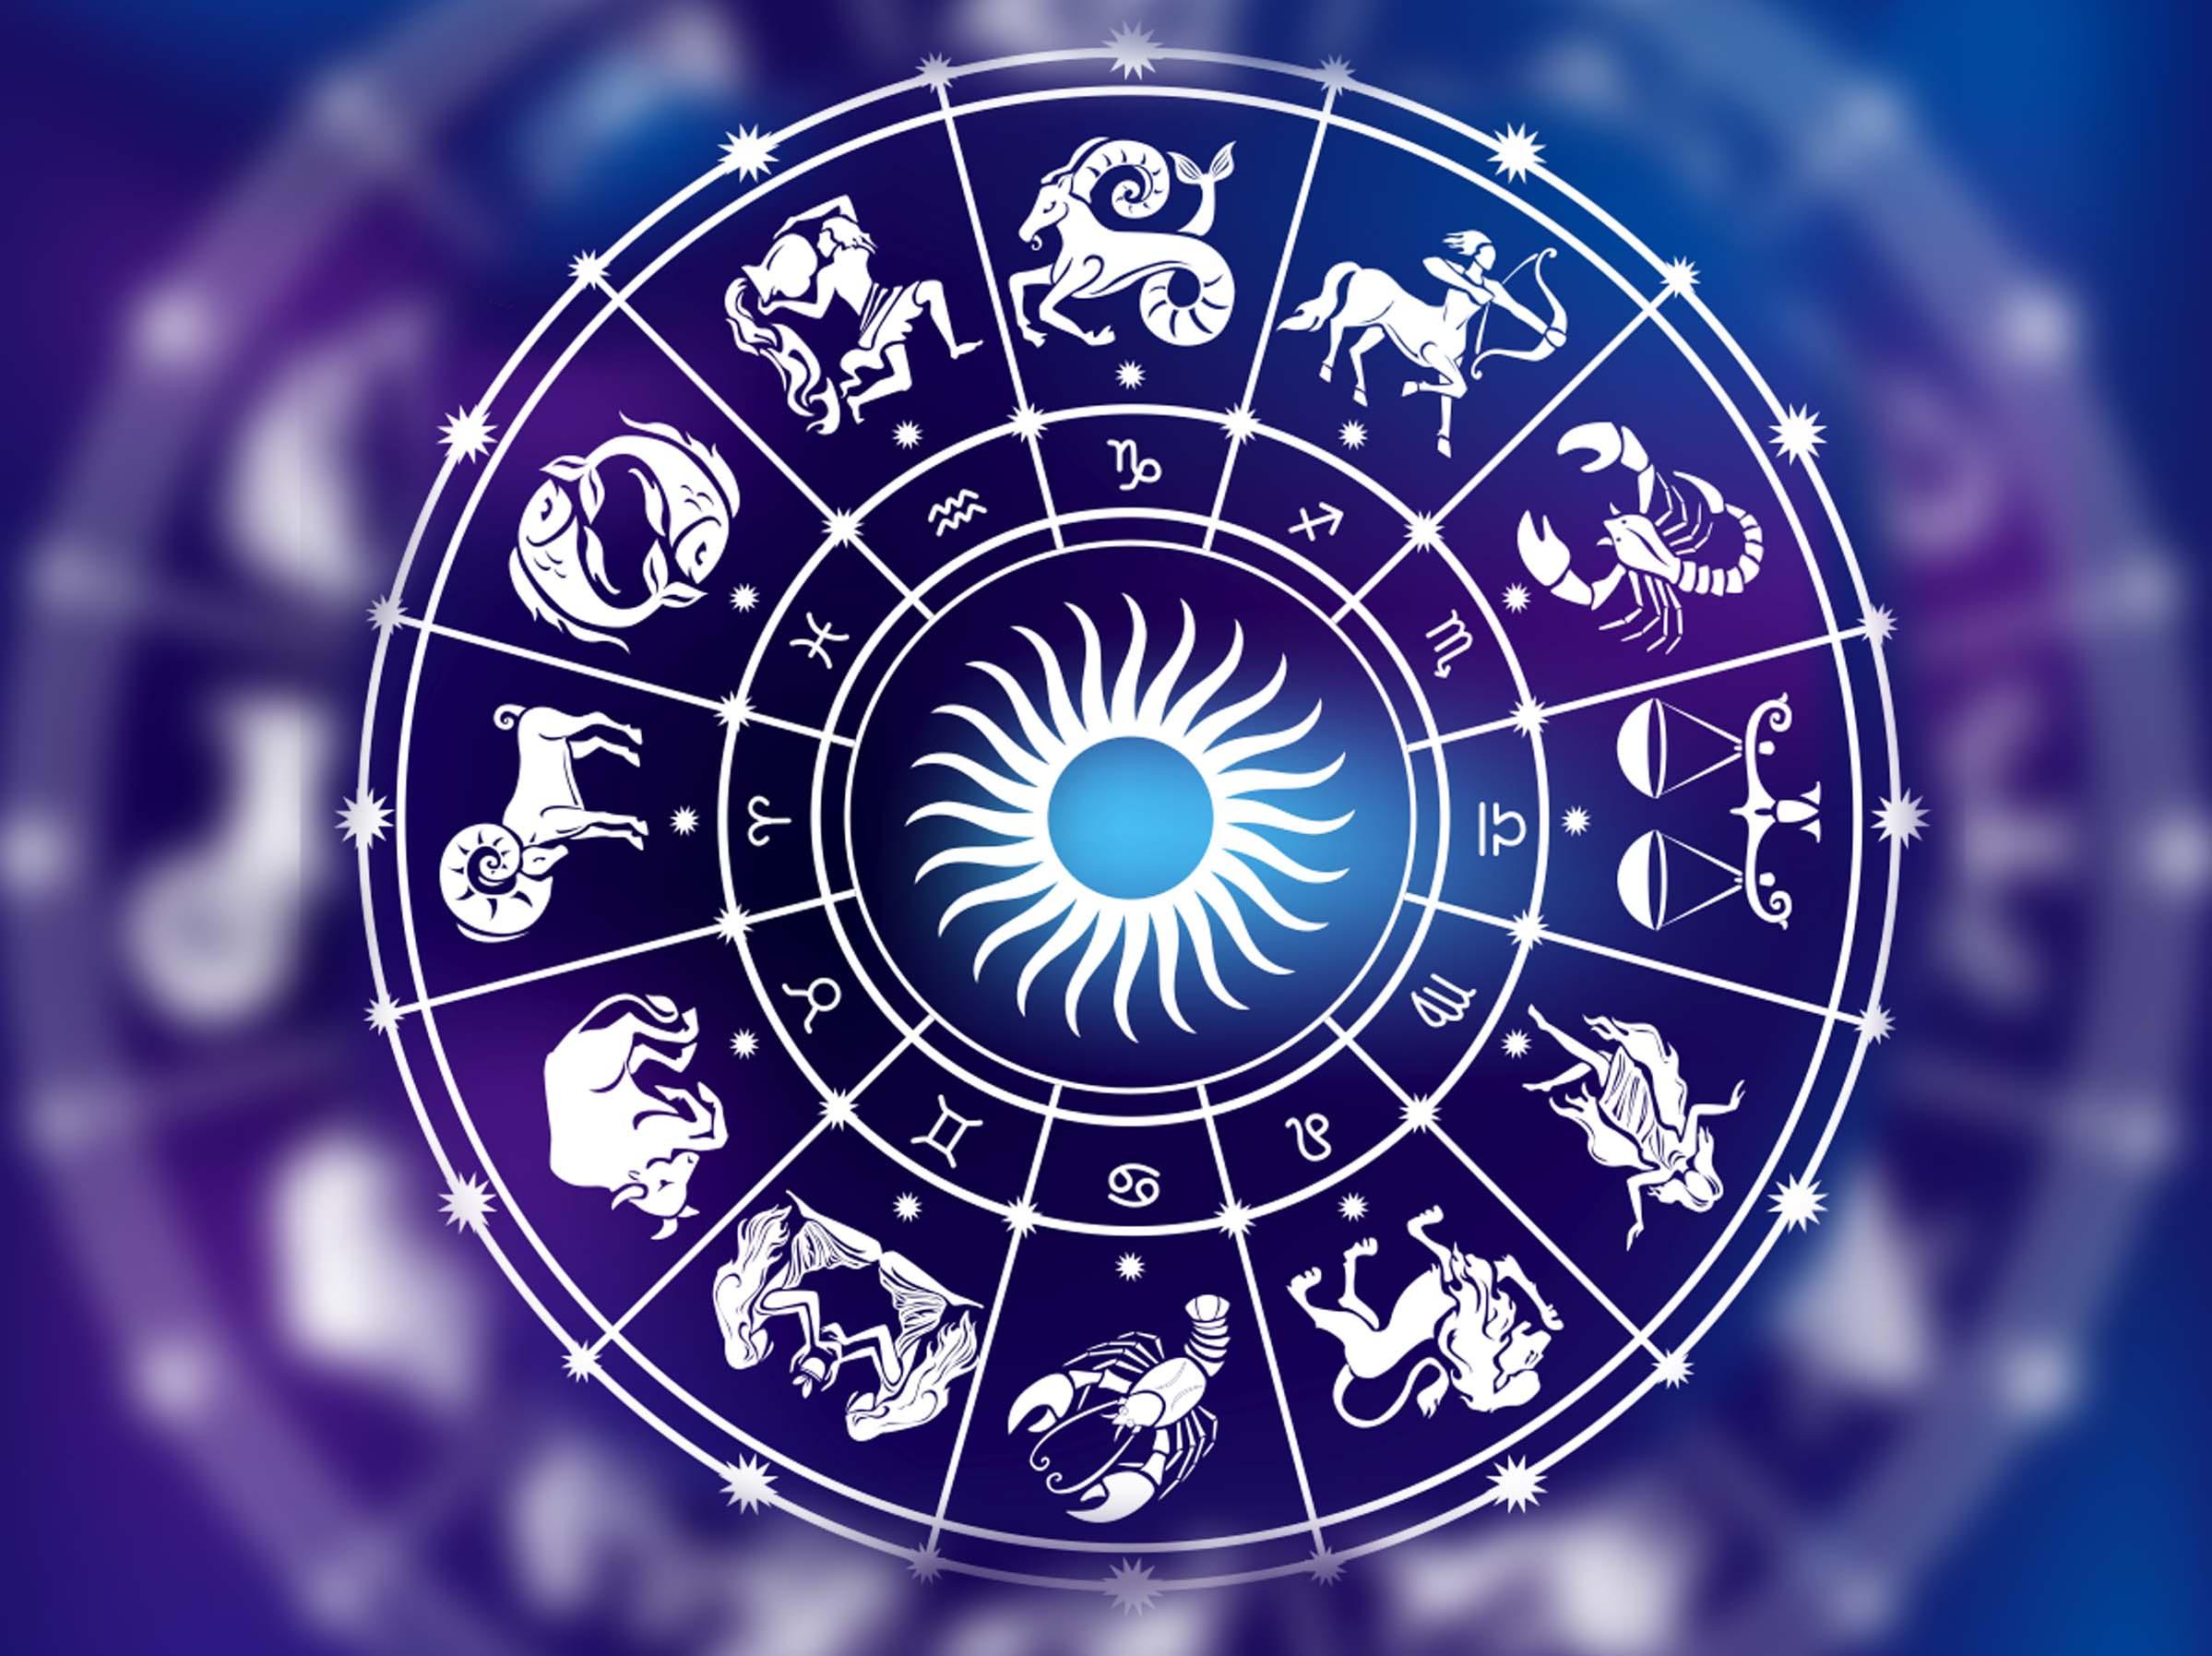 Астрологический календарь на февраль 2017